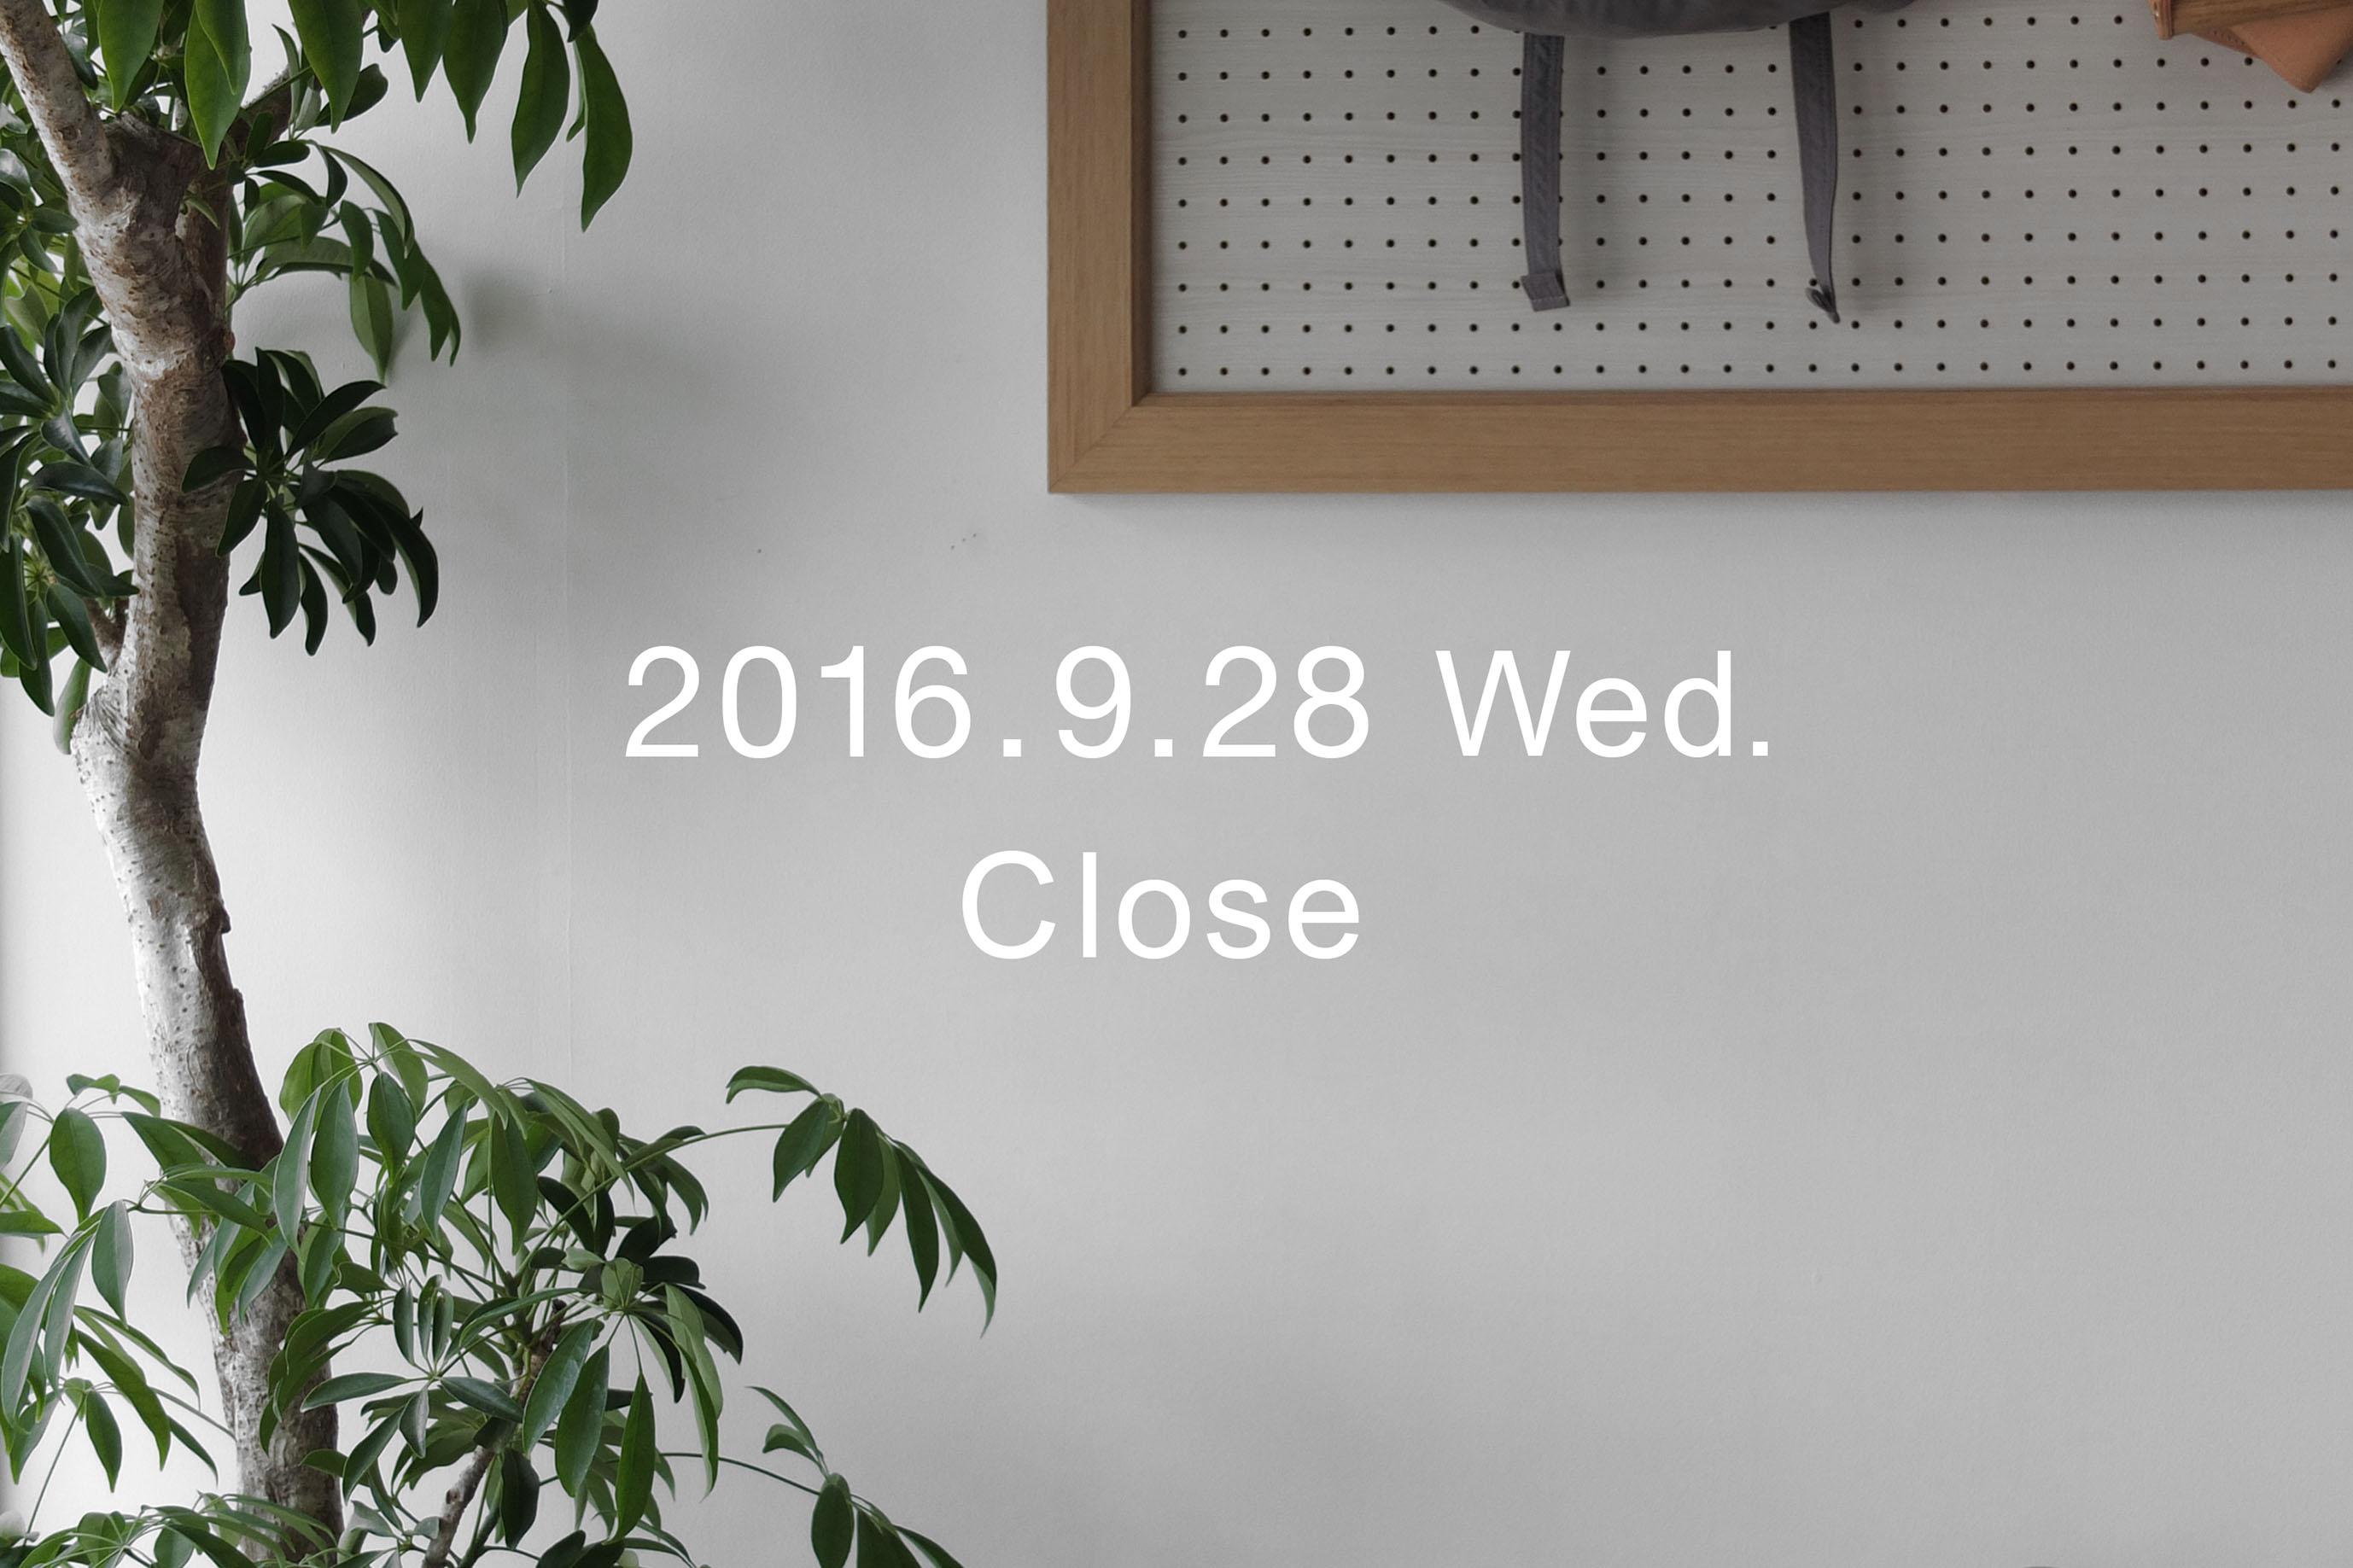 ss-close_20160928